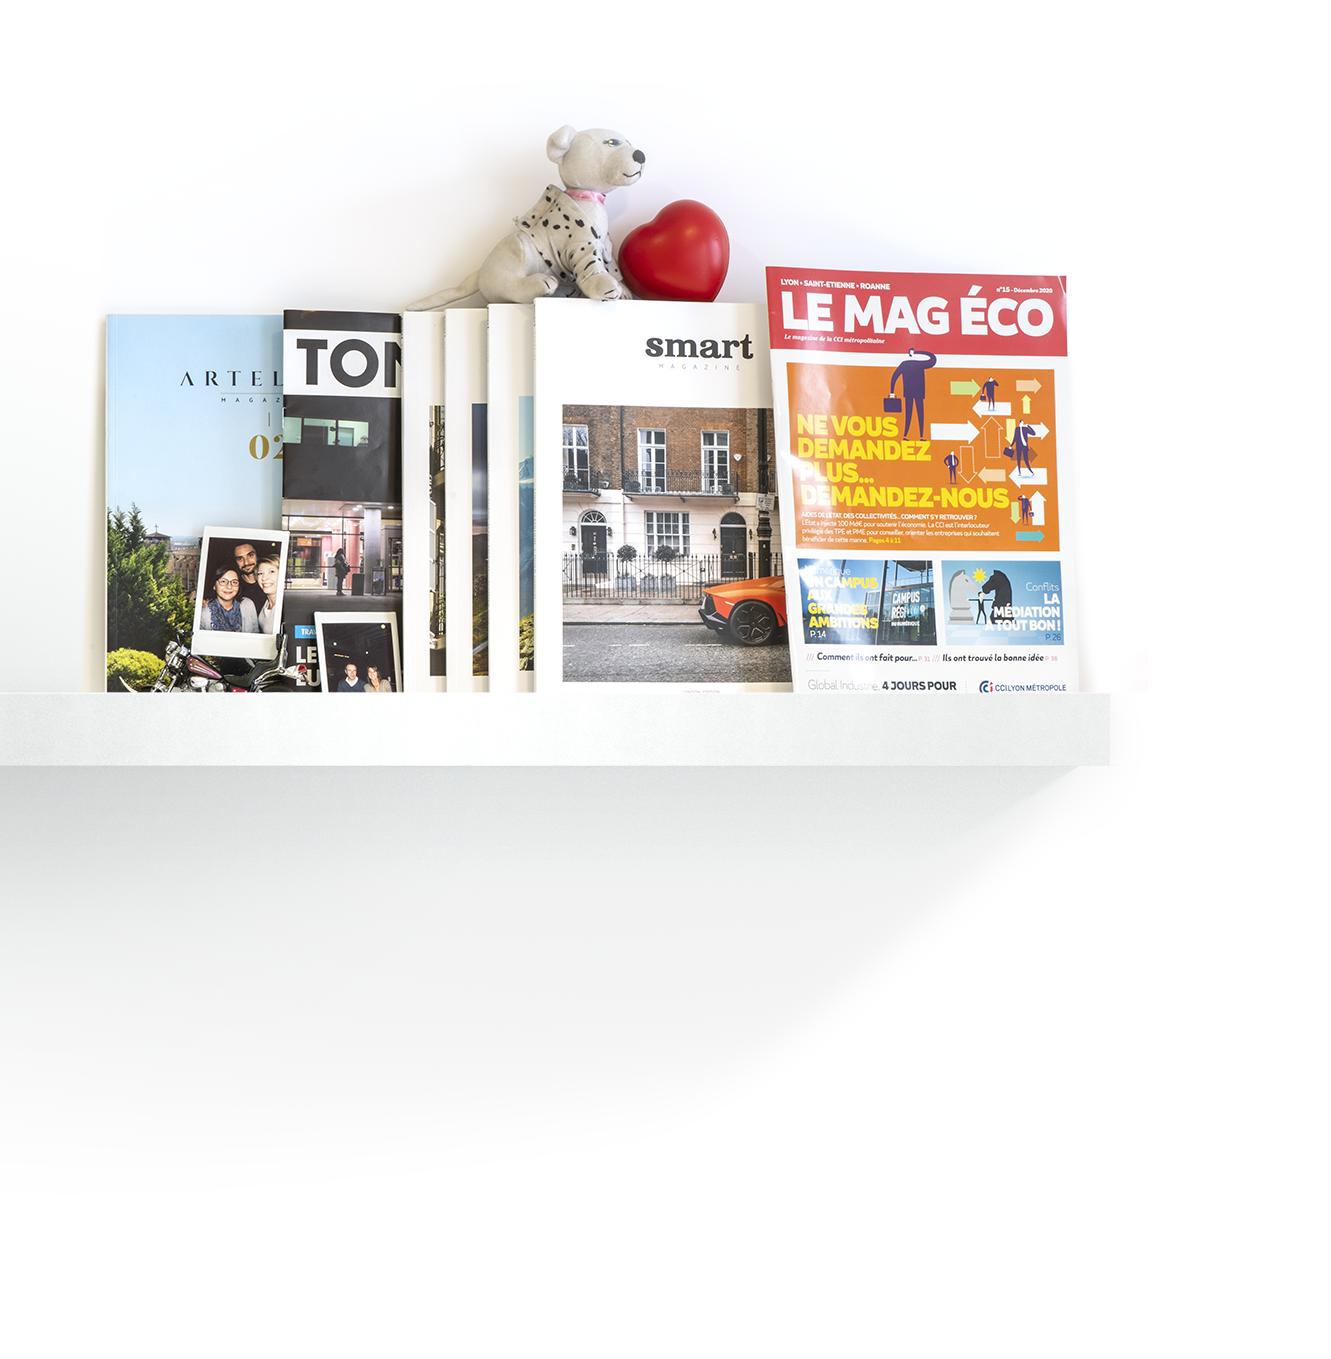 Une étagère avec des magazines bien disposés